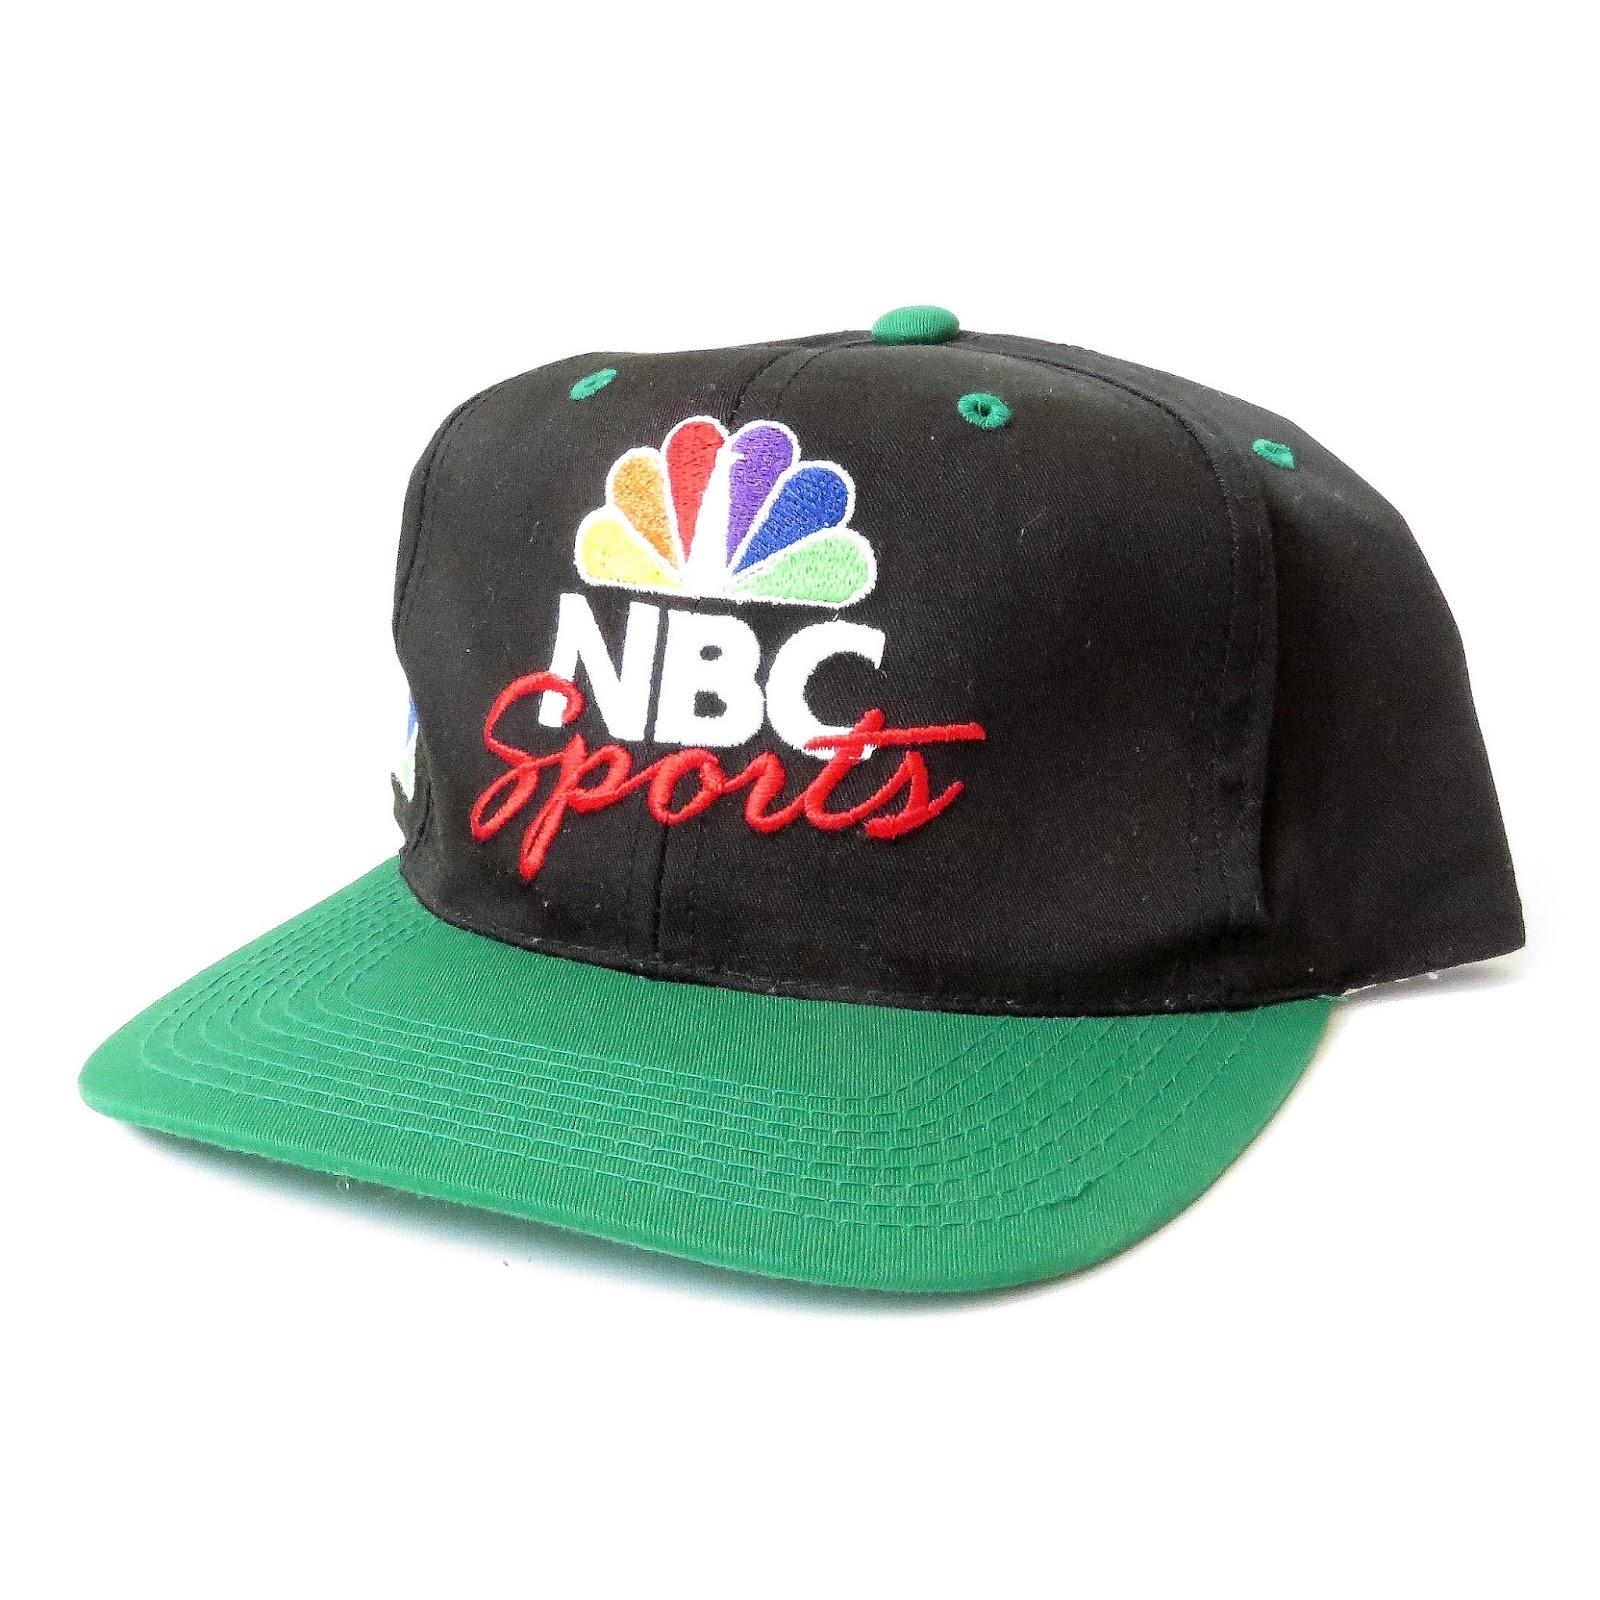 1de15d722cc VINTAGE NBC SPORTS NBA SNAPBACKS CAPS JORDAN